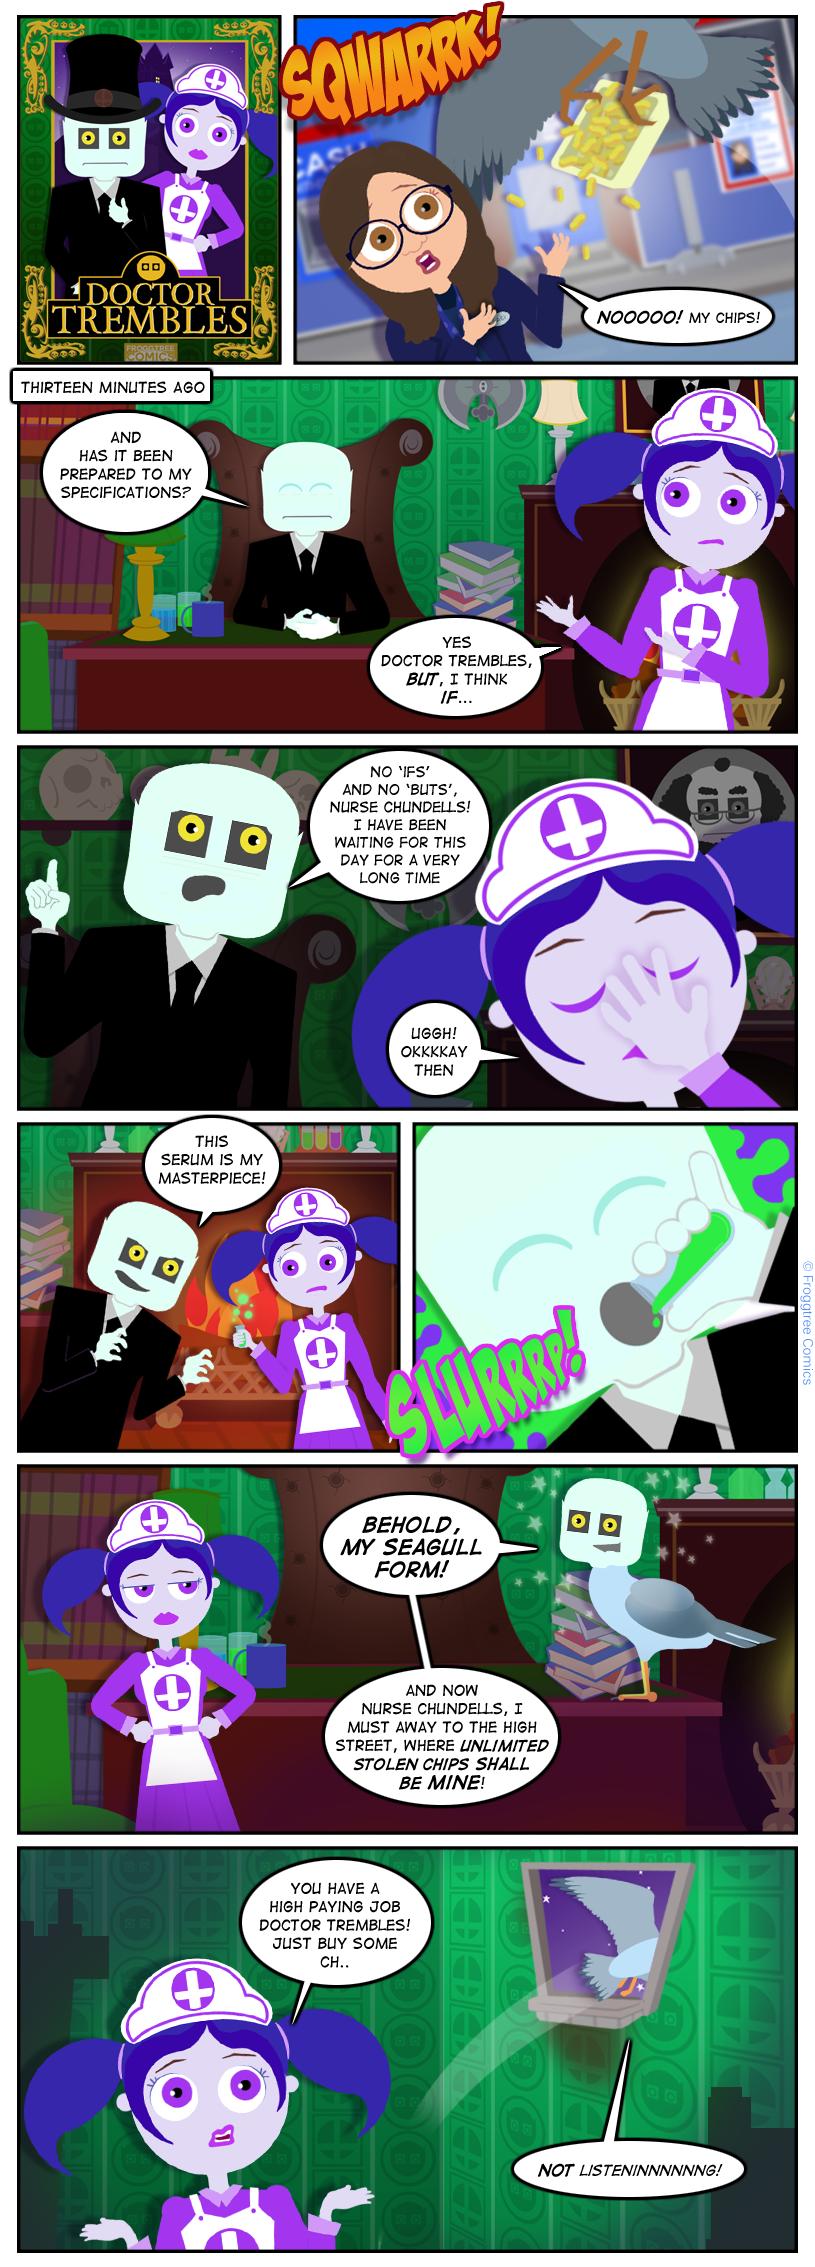 Doctor Trembles: Sqwarrk!